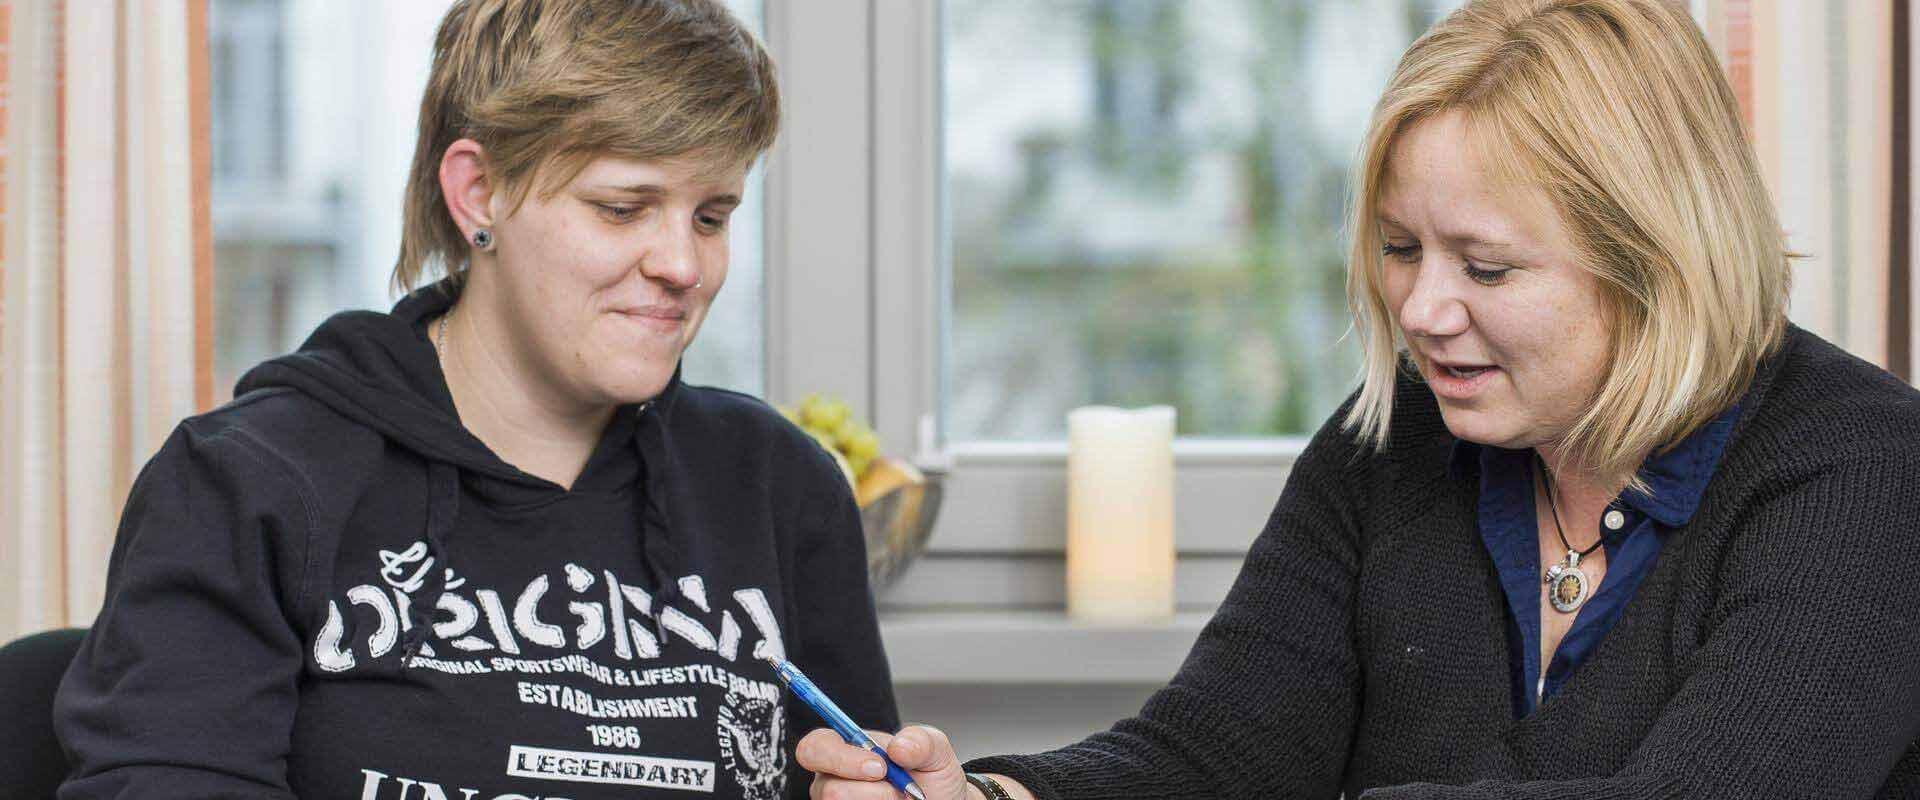 Patientin mit Therapeutin der MEDIAN Klinik Schelfstadt